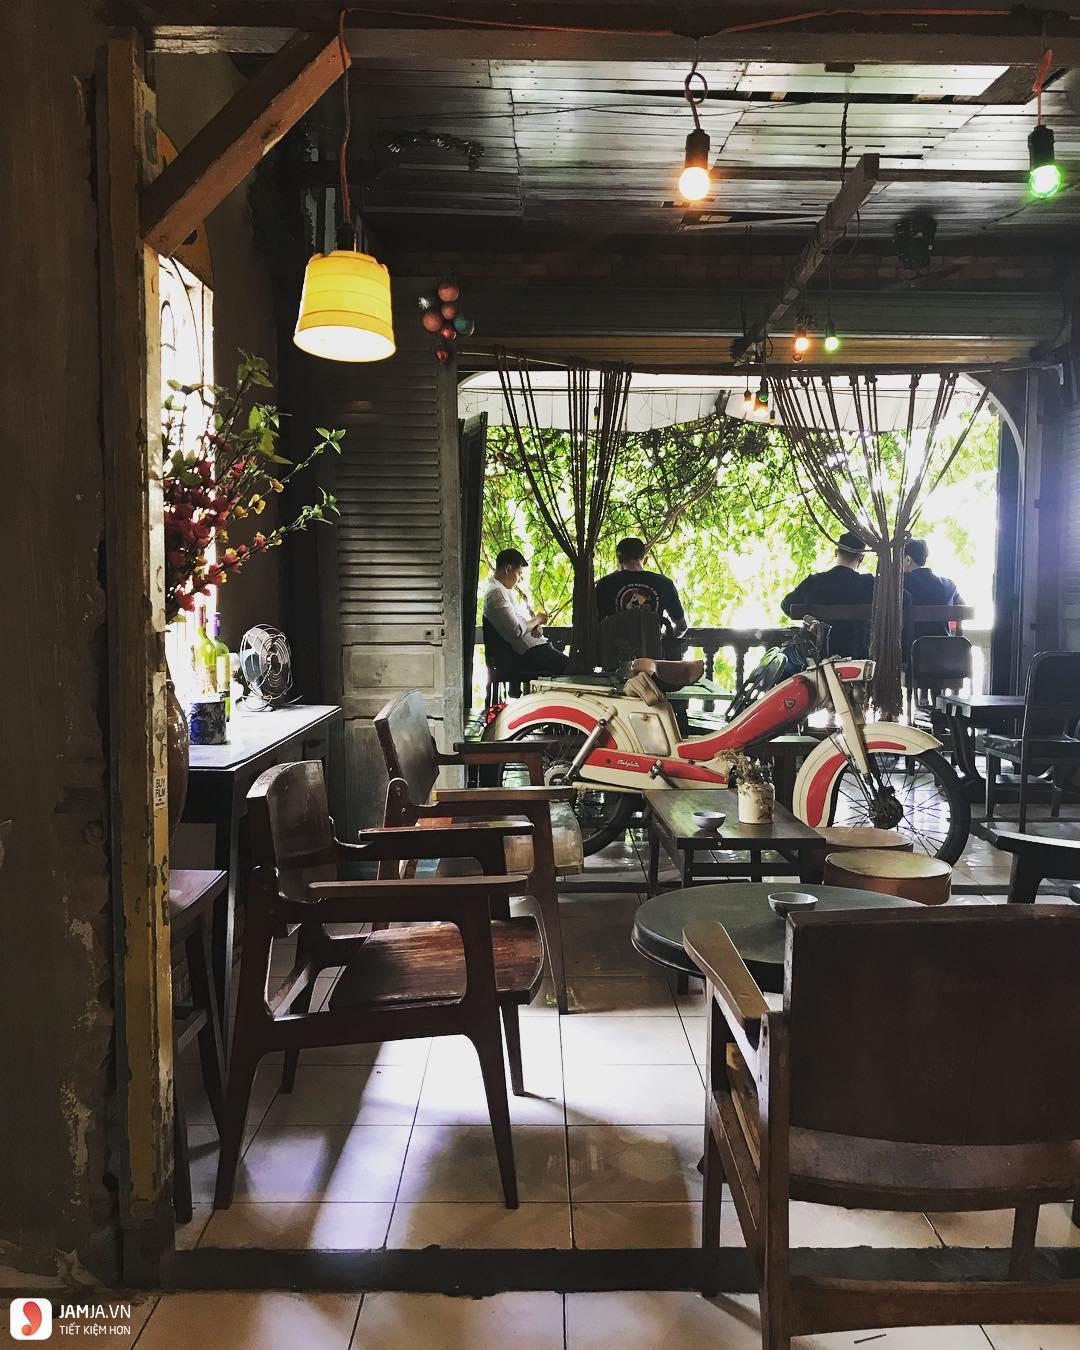 Lão Hạc Quán - Beer & Cafe không gian